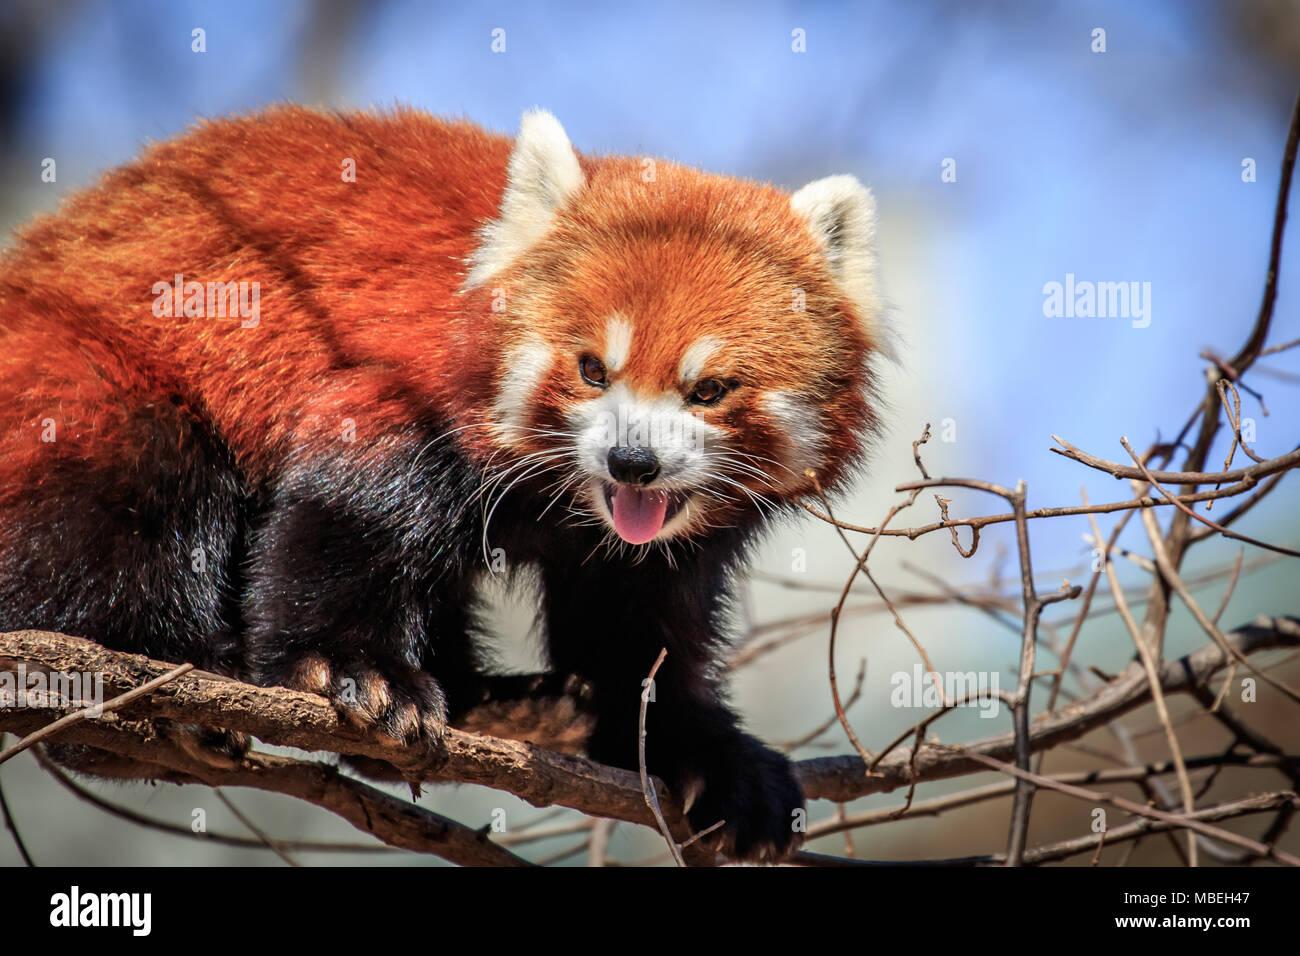 Un panda rosso (Ailurus fulgens) in una struttura ad albero. Immagini Stock